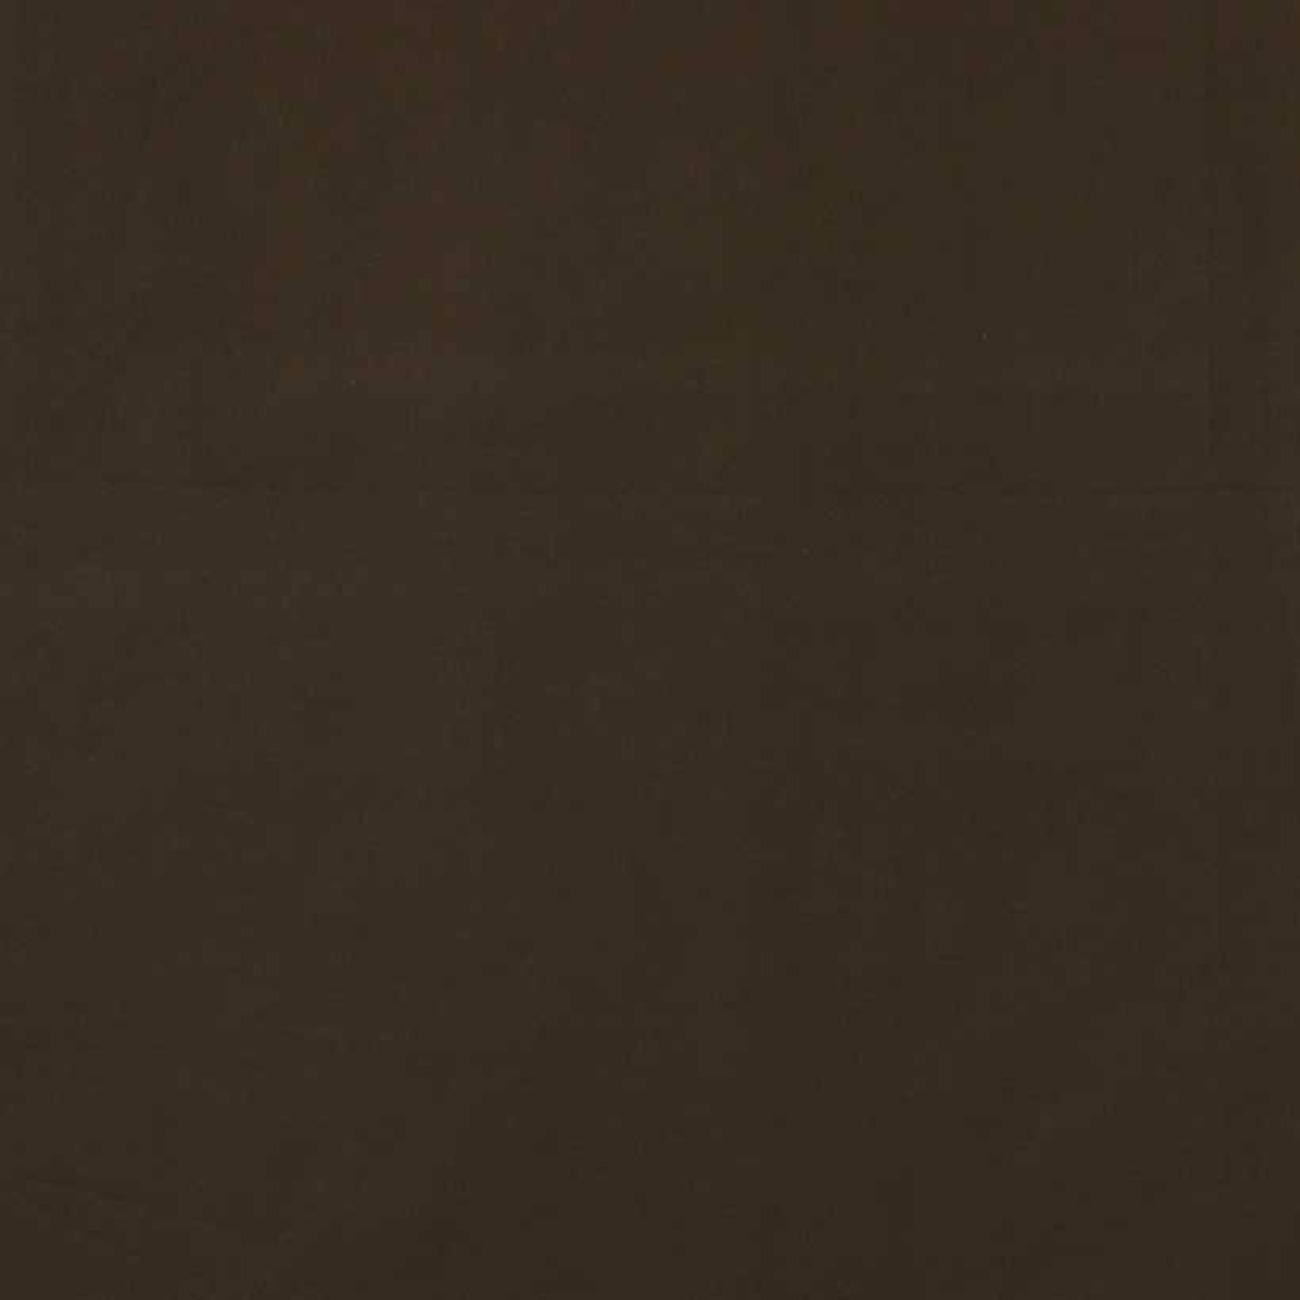 现货平纹素色梭织色织低弹休闲时尚风格衬衫连衣裙 短裙 棉感 60929-21